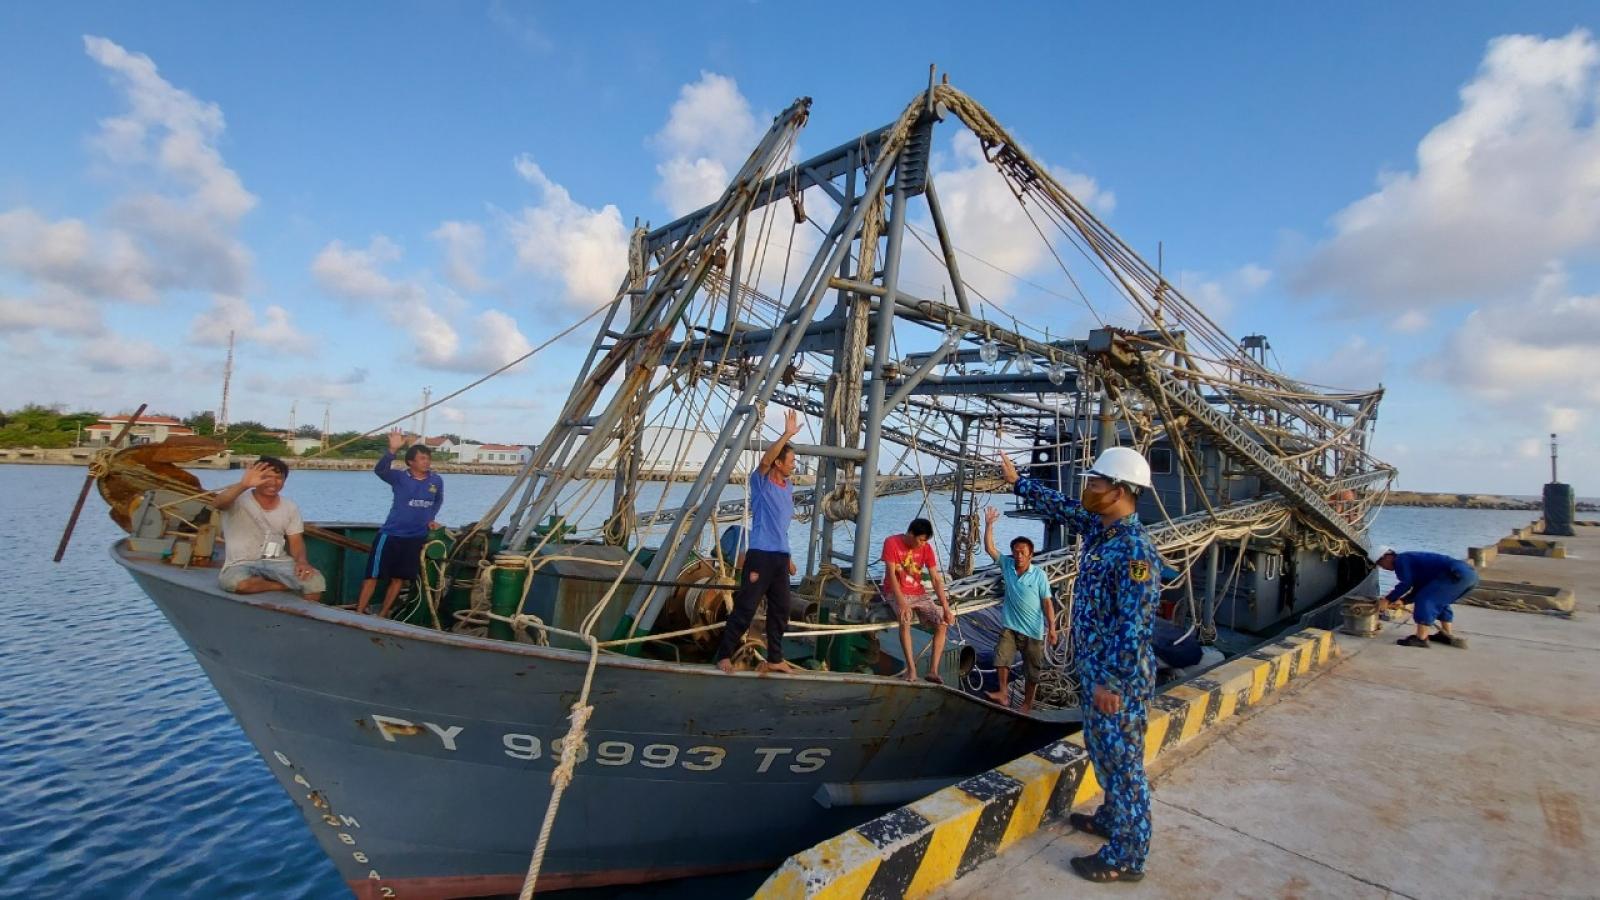 Tổng Công ty Tân CảngSài Gòn kịp thời khắc phục sự cố xảy ra với hai tàu cá Phú Yên